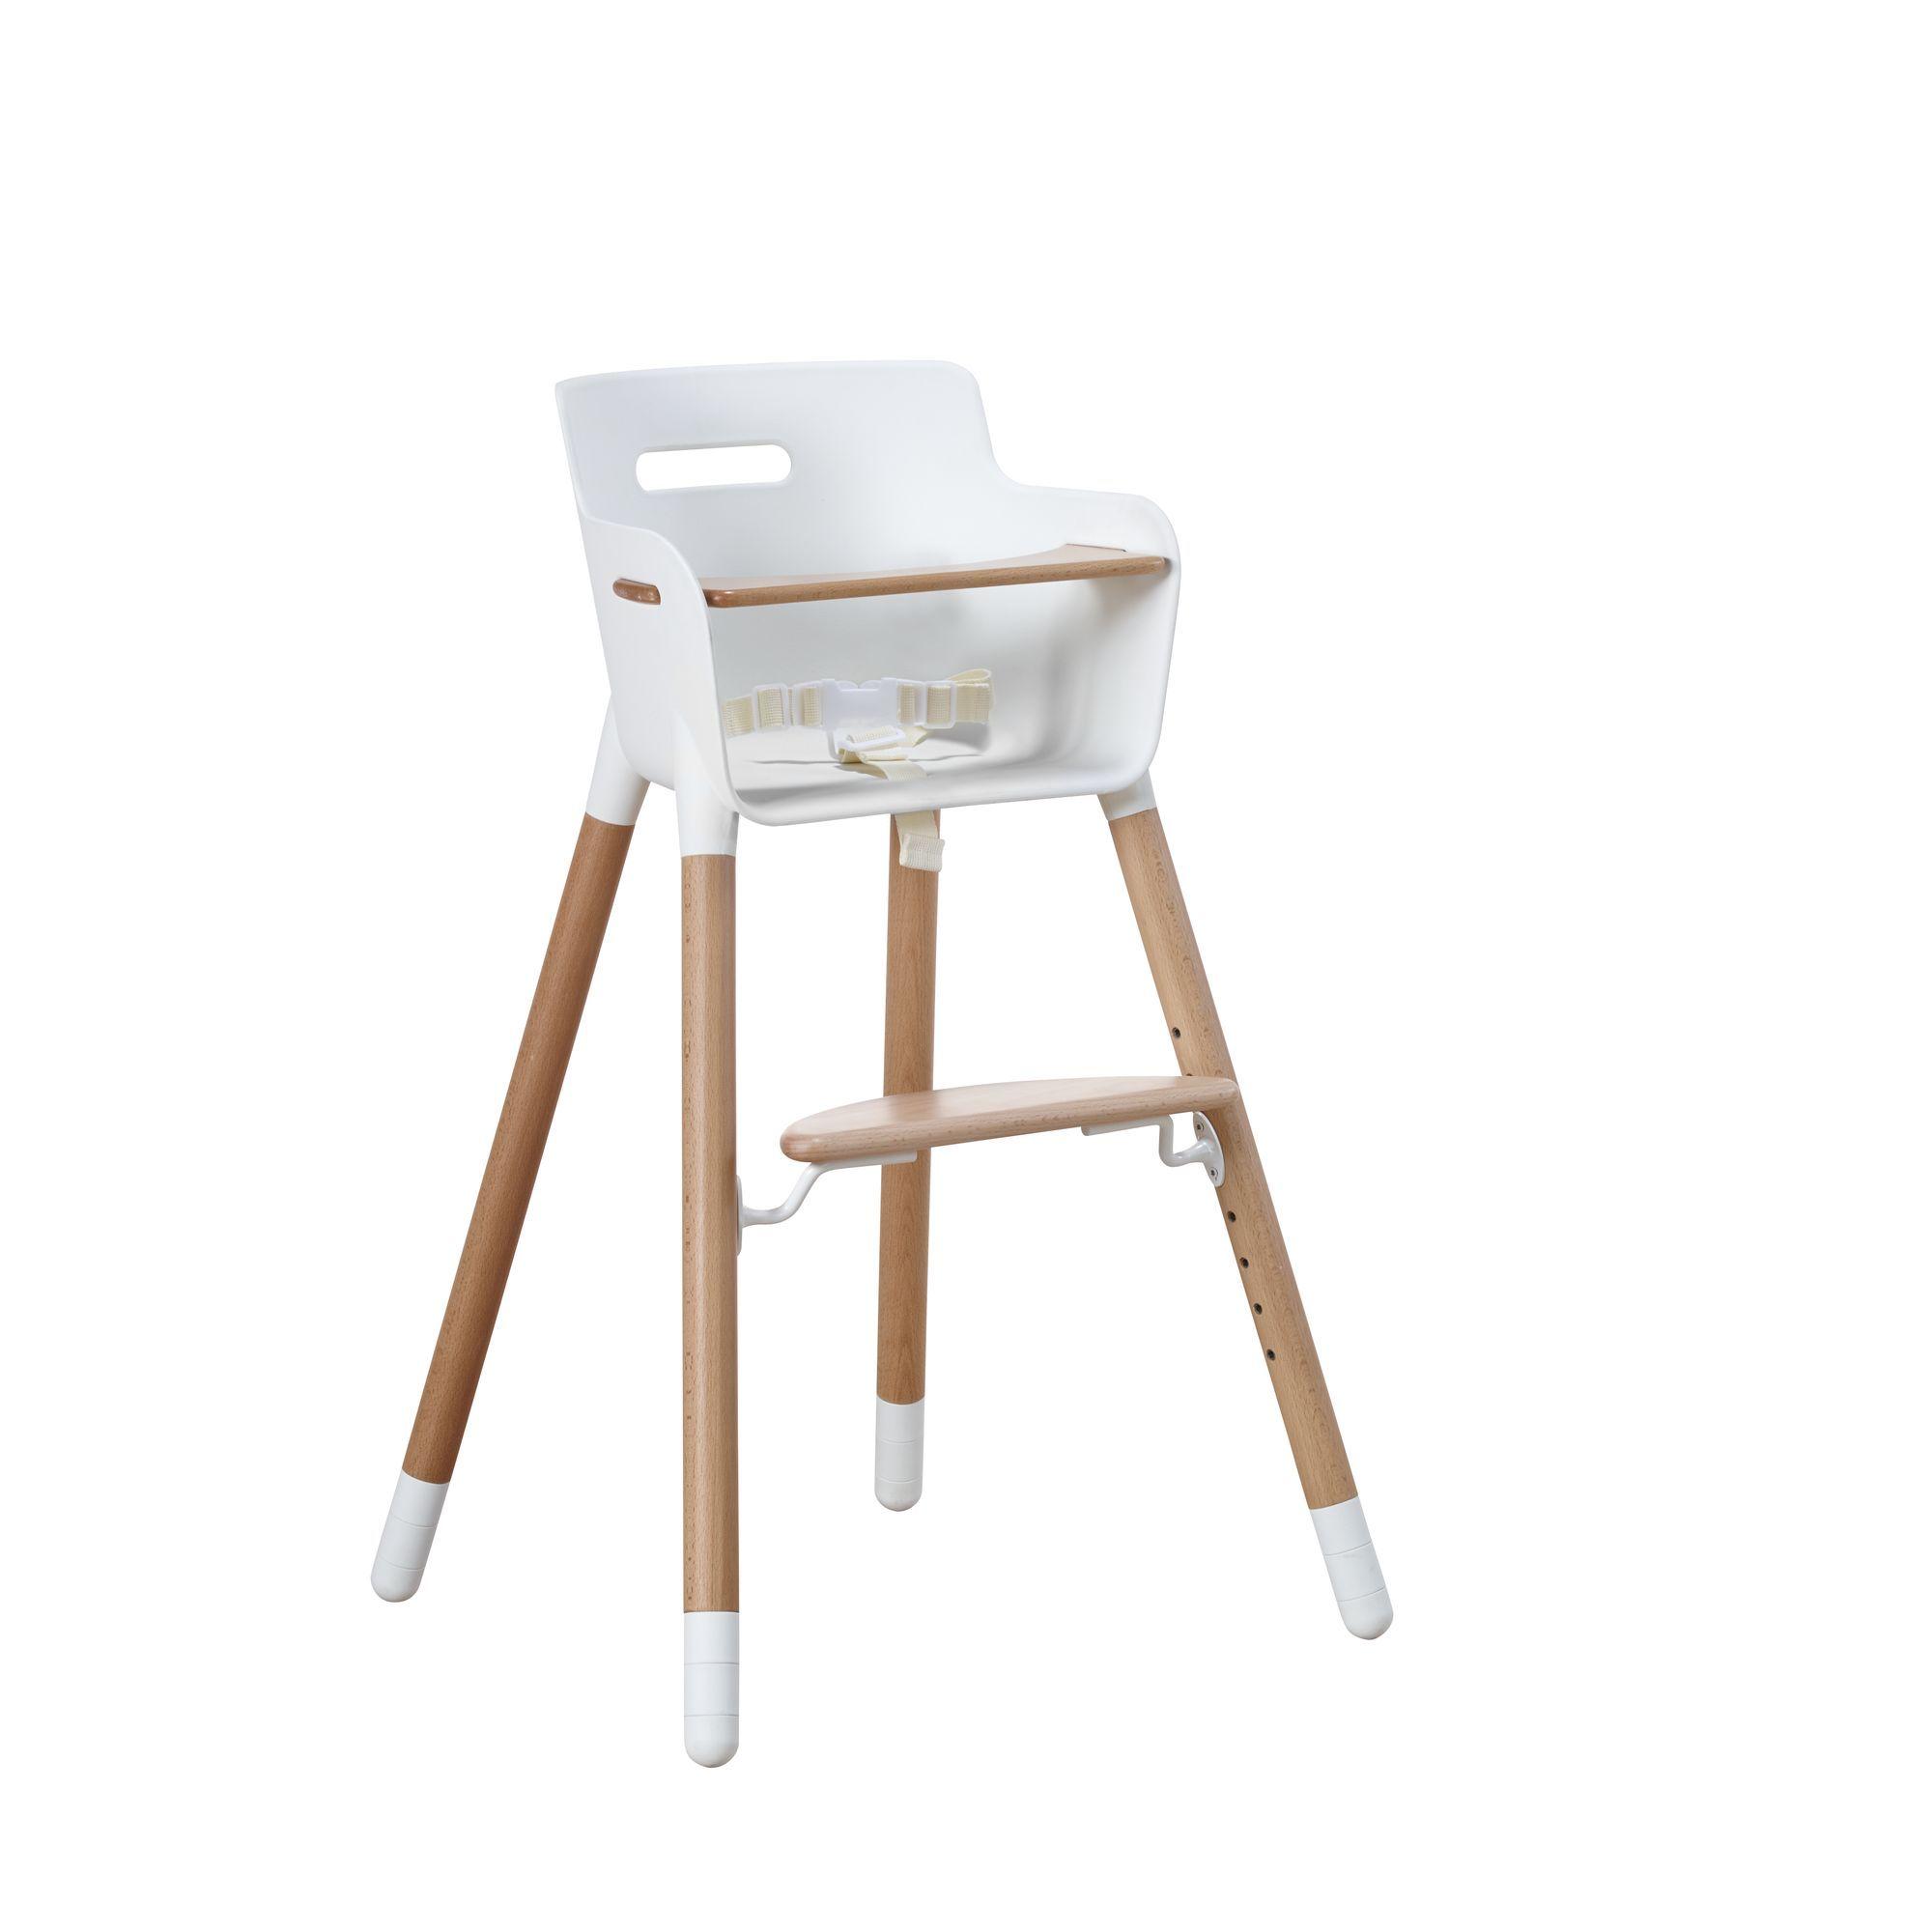 Hoge Eetstoel Baby.High Chair Eetstoel Wit Hout Room4kids